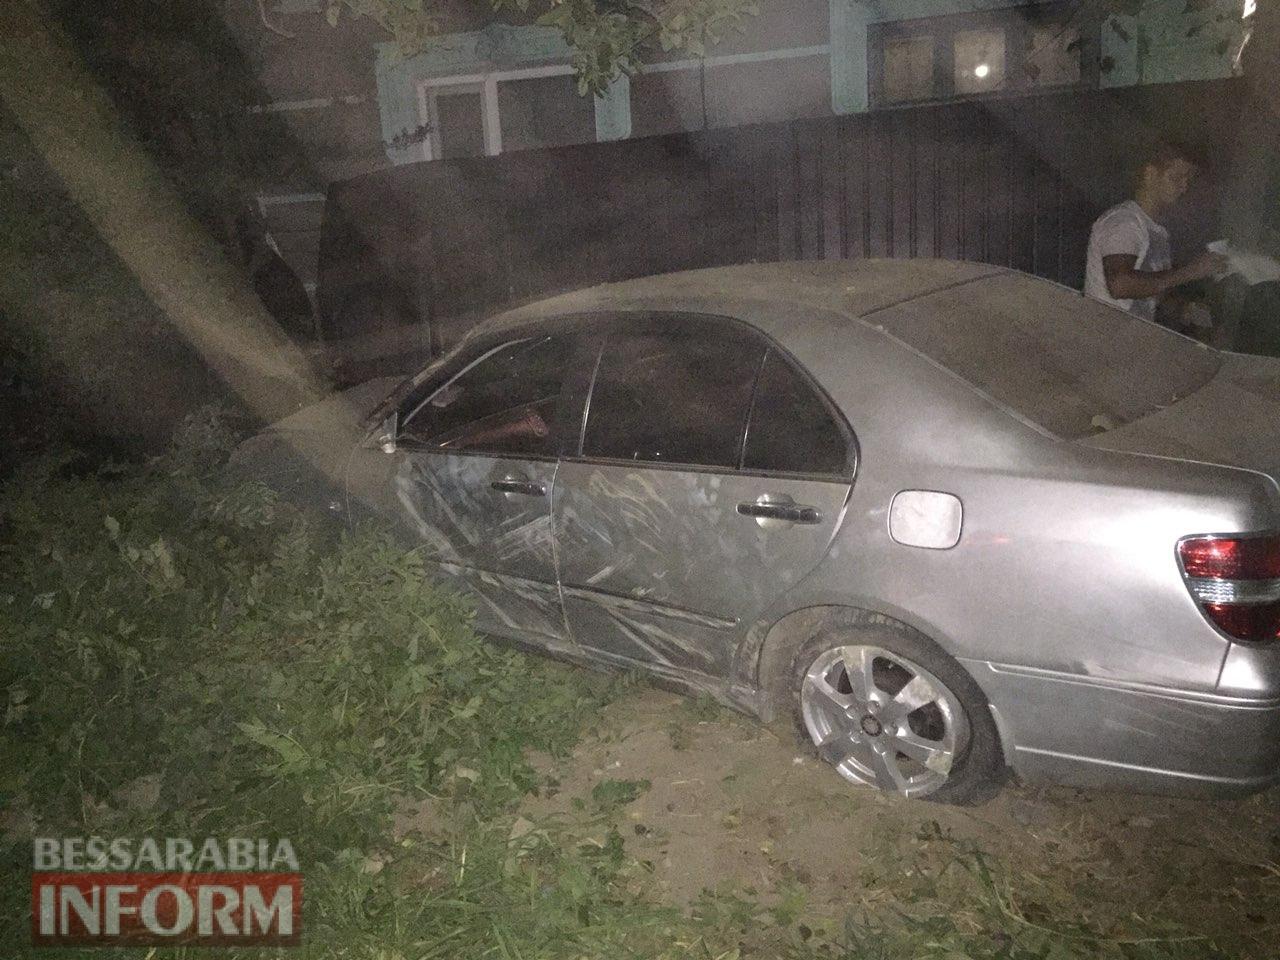 В Измаиле ночью пьяный водитель без прав слетел с дороги в забор жилого дома